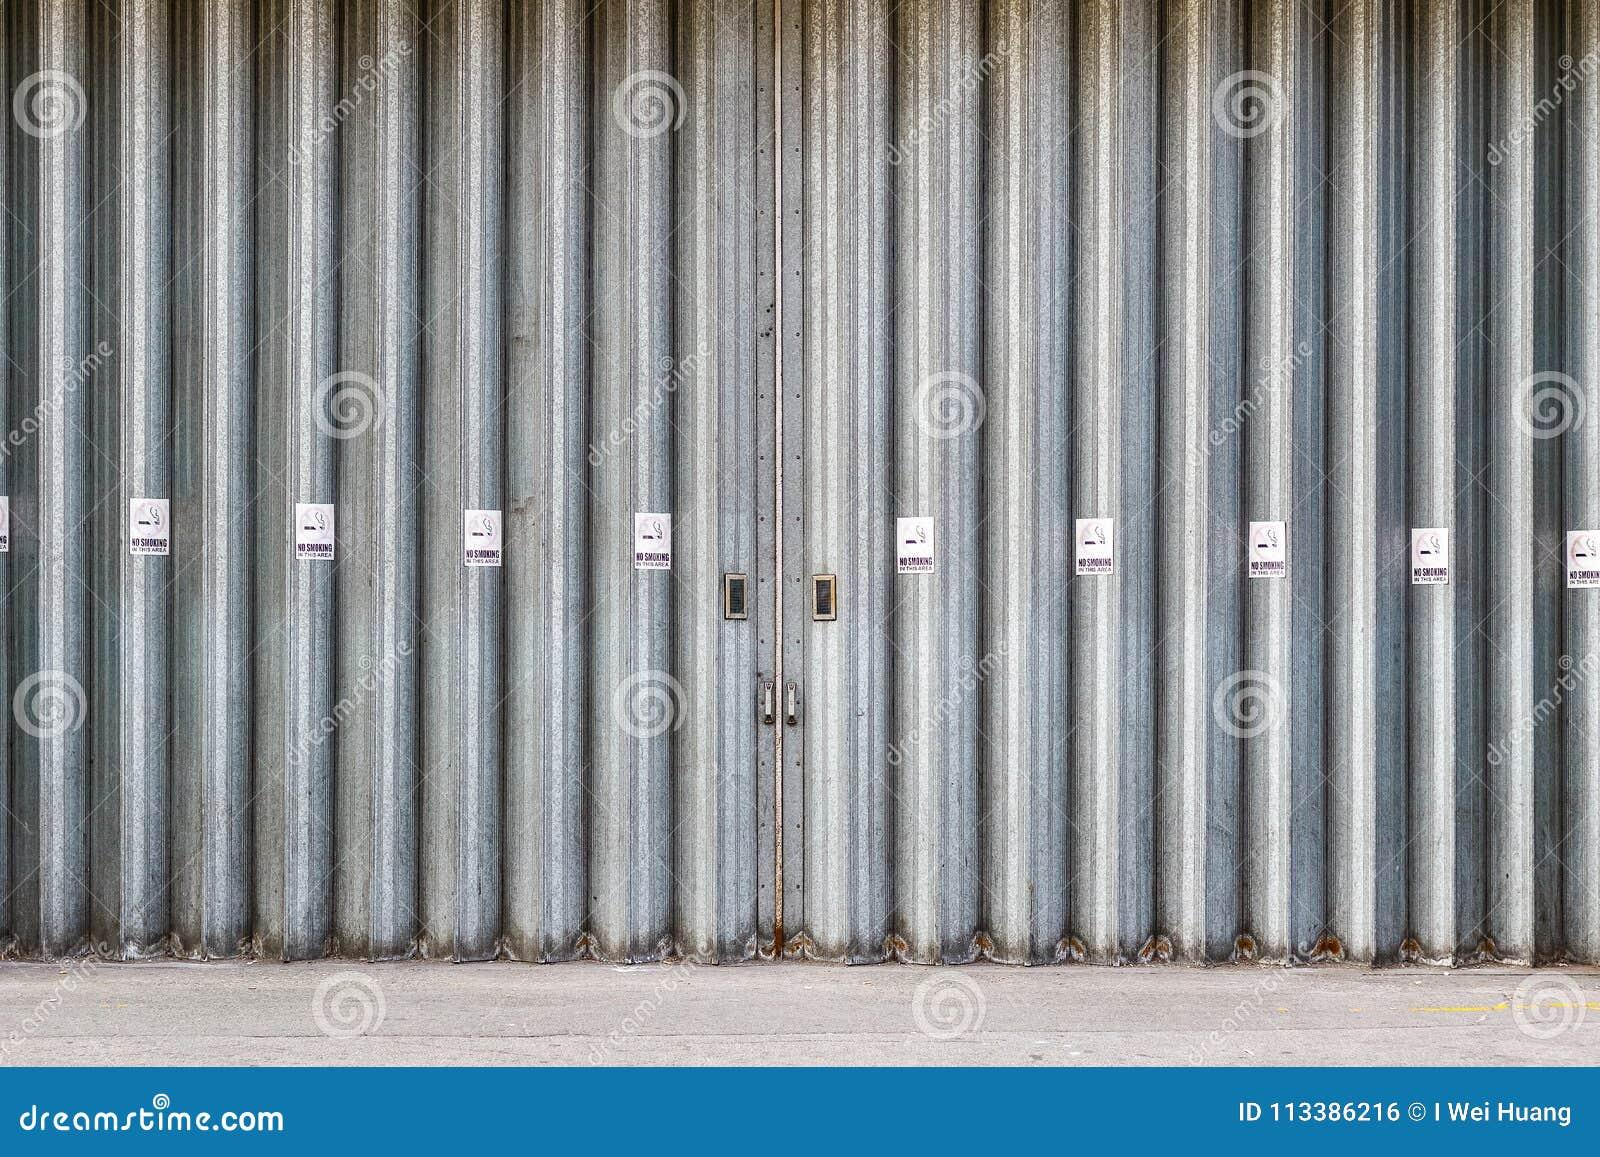 Ślizgający się przemysłowych drzwi z Palenie Zabronione znakami i składający